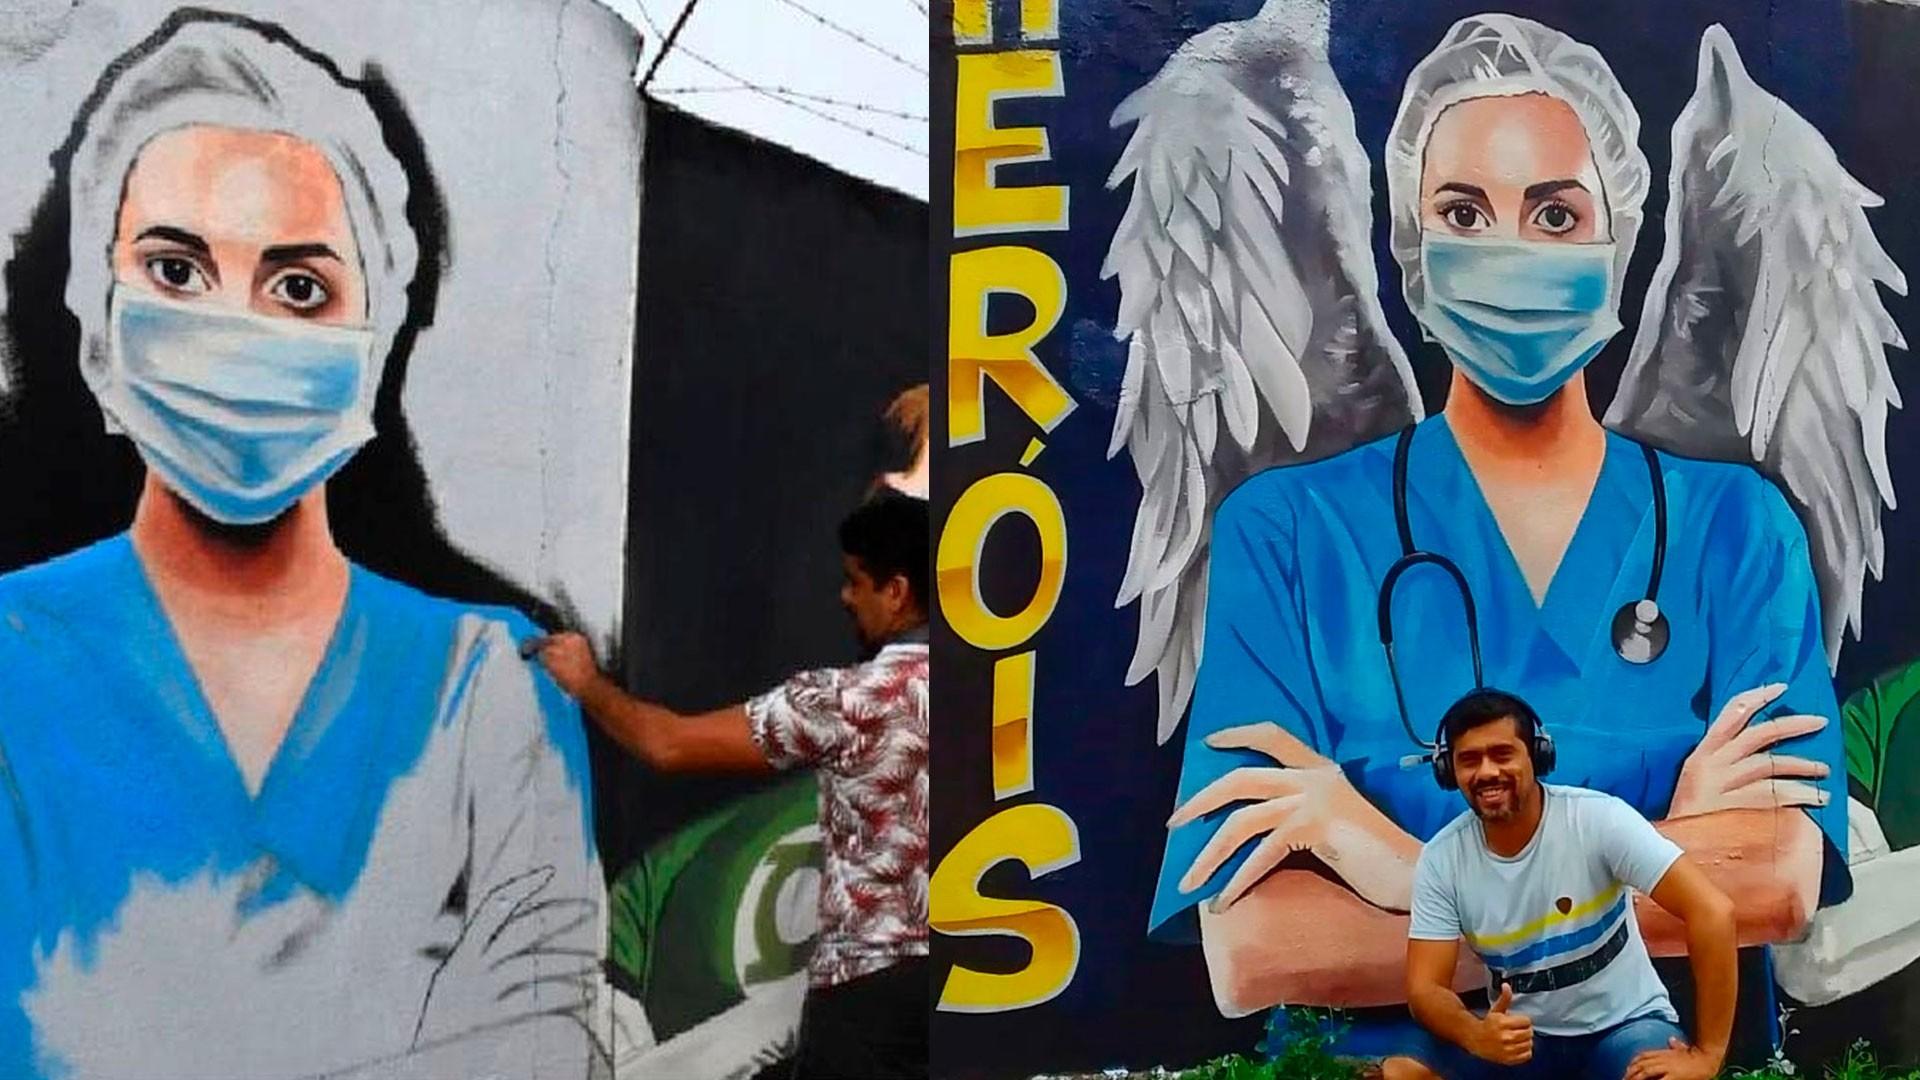 Artista faz mural em homenagem a profissionais da saúde que atuam contra a Covid-19 em Imperatriz